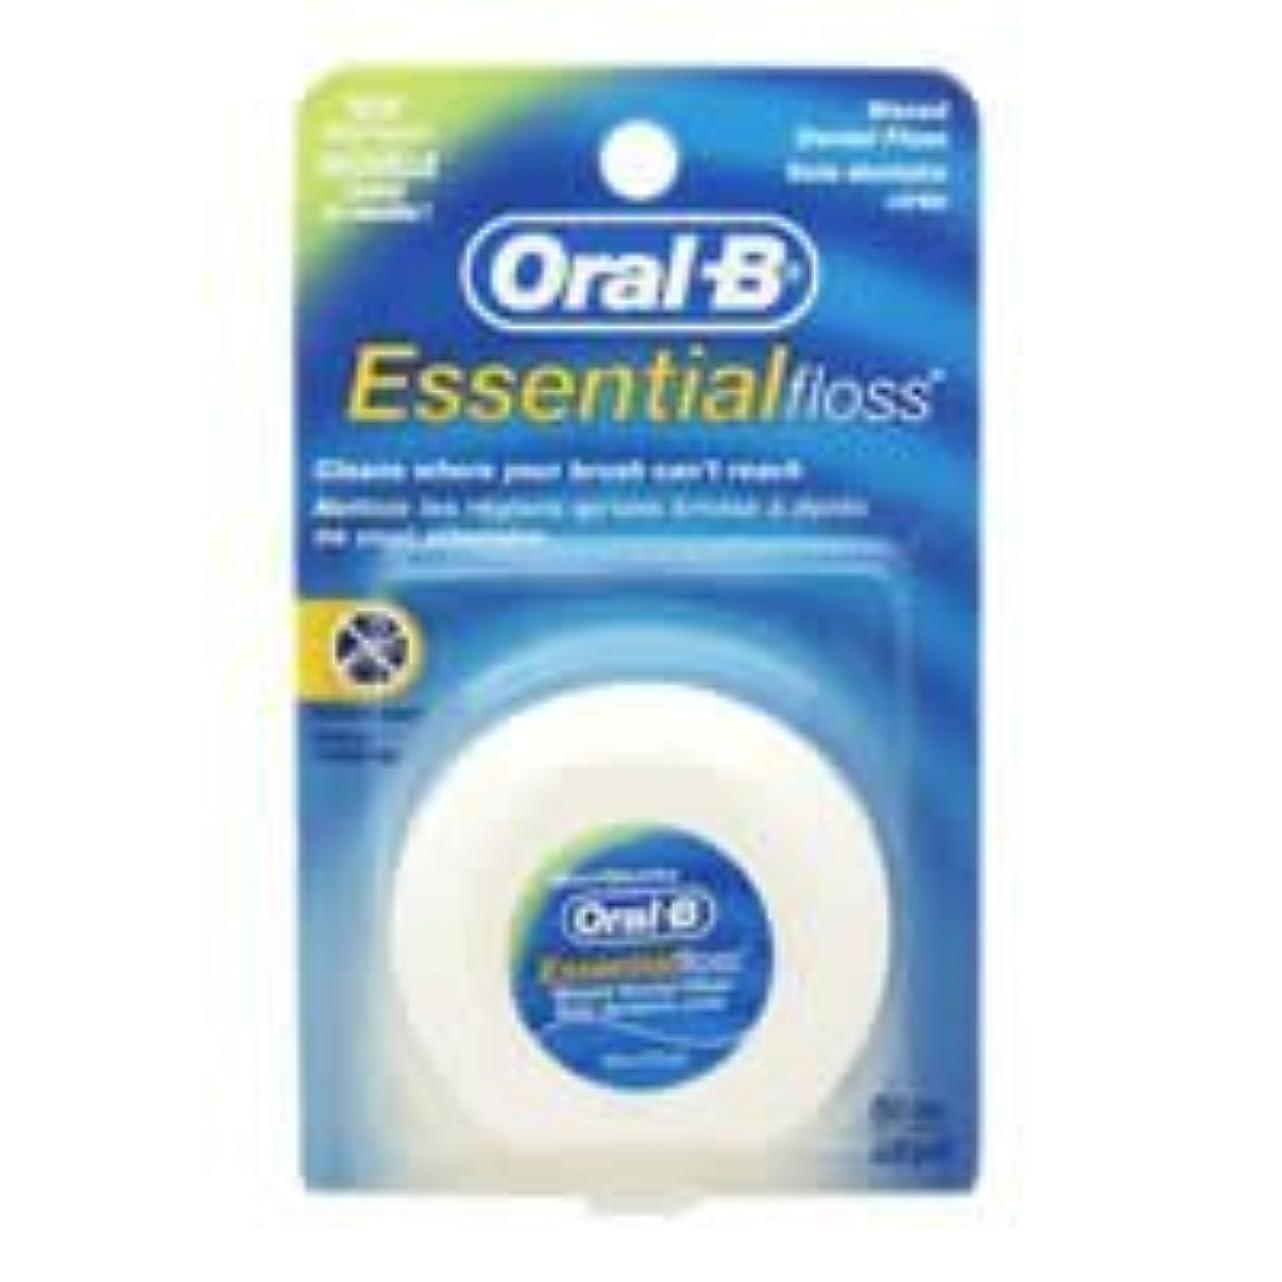 低い有望頬Oral-B Essential Waxed Dental Floss Mint by Oral-B